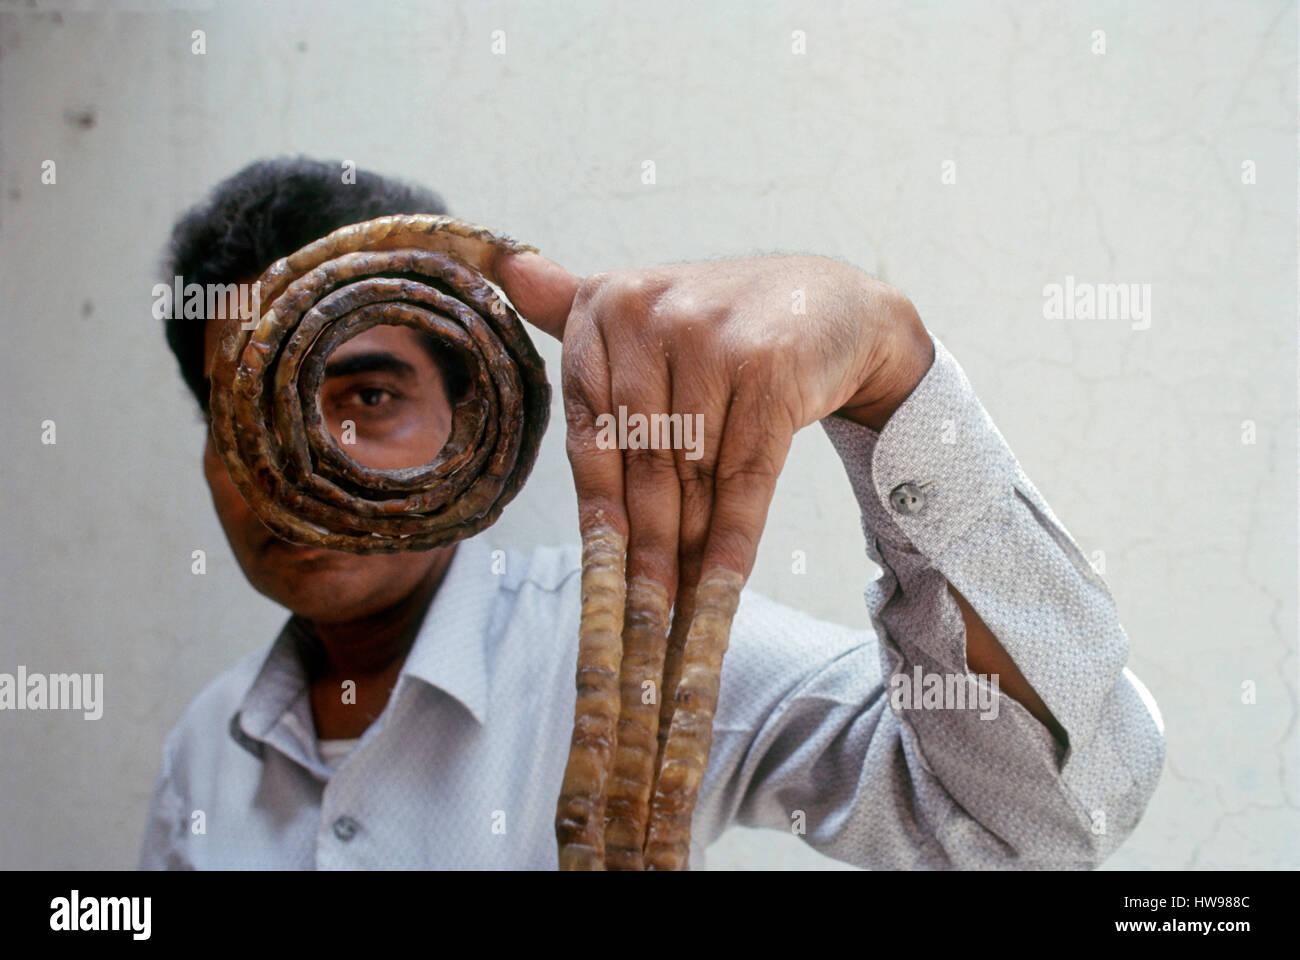 Longest Finger Nails World Record India Stock Photo 136043052 Alamy